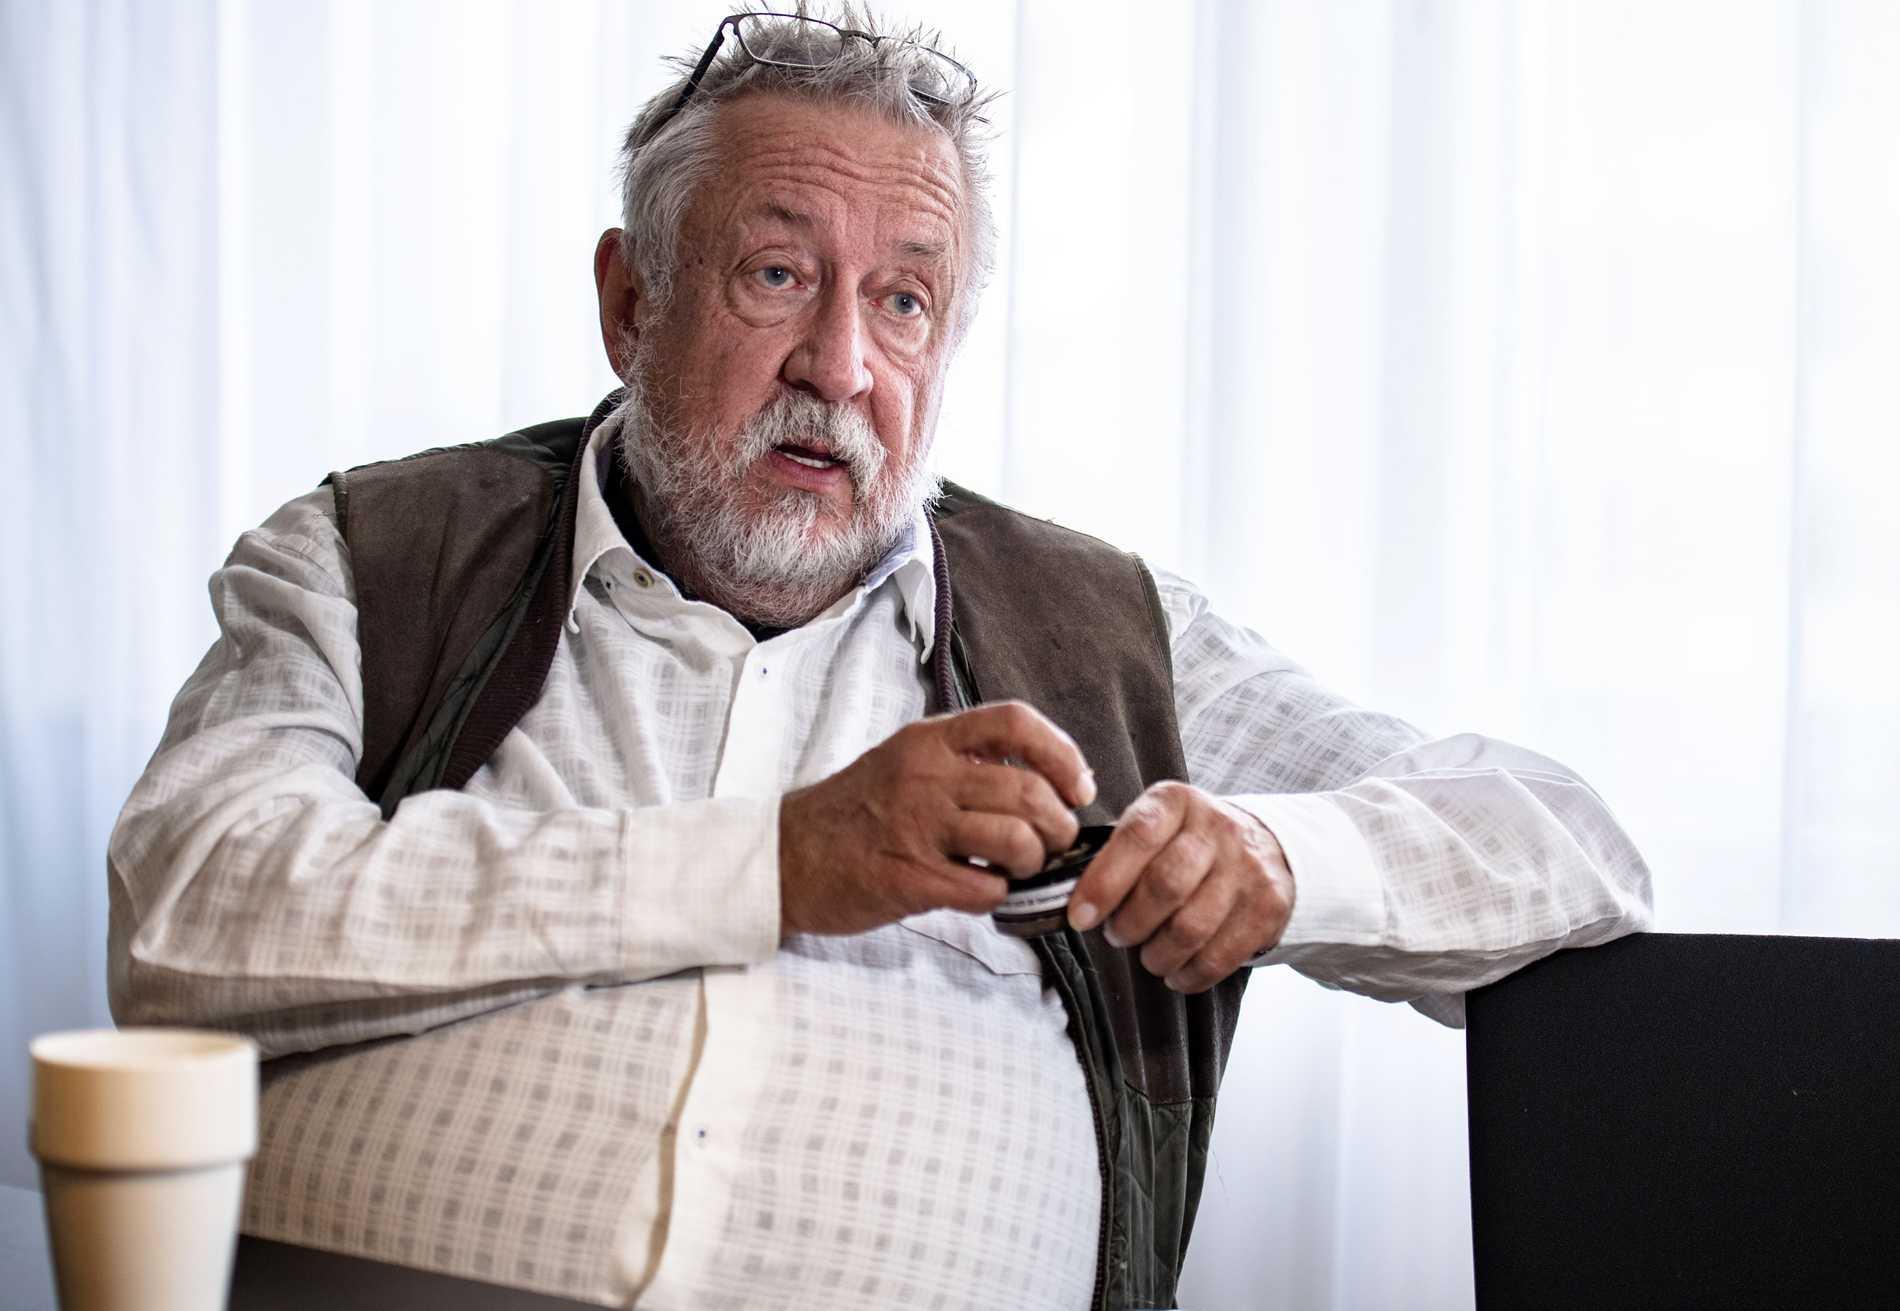 """SAKNAR BARNBARNEN. Författaren och kriminalprofessorn Leif GW Persson mår dåligt av att sitta i sin självvalda karantän. """"Det går åt mycket energi åt att hålla avstånd"""", säger han till tidningen Café."""